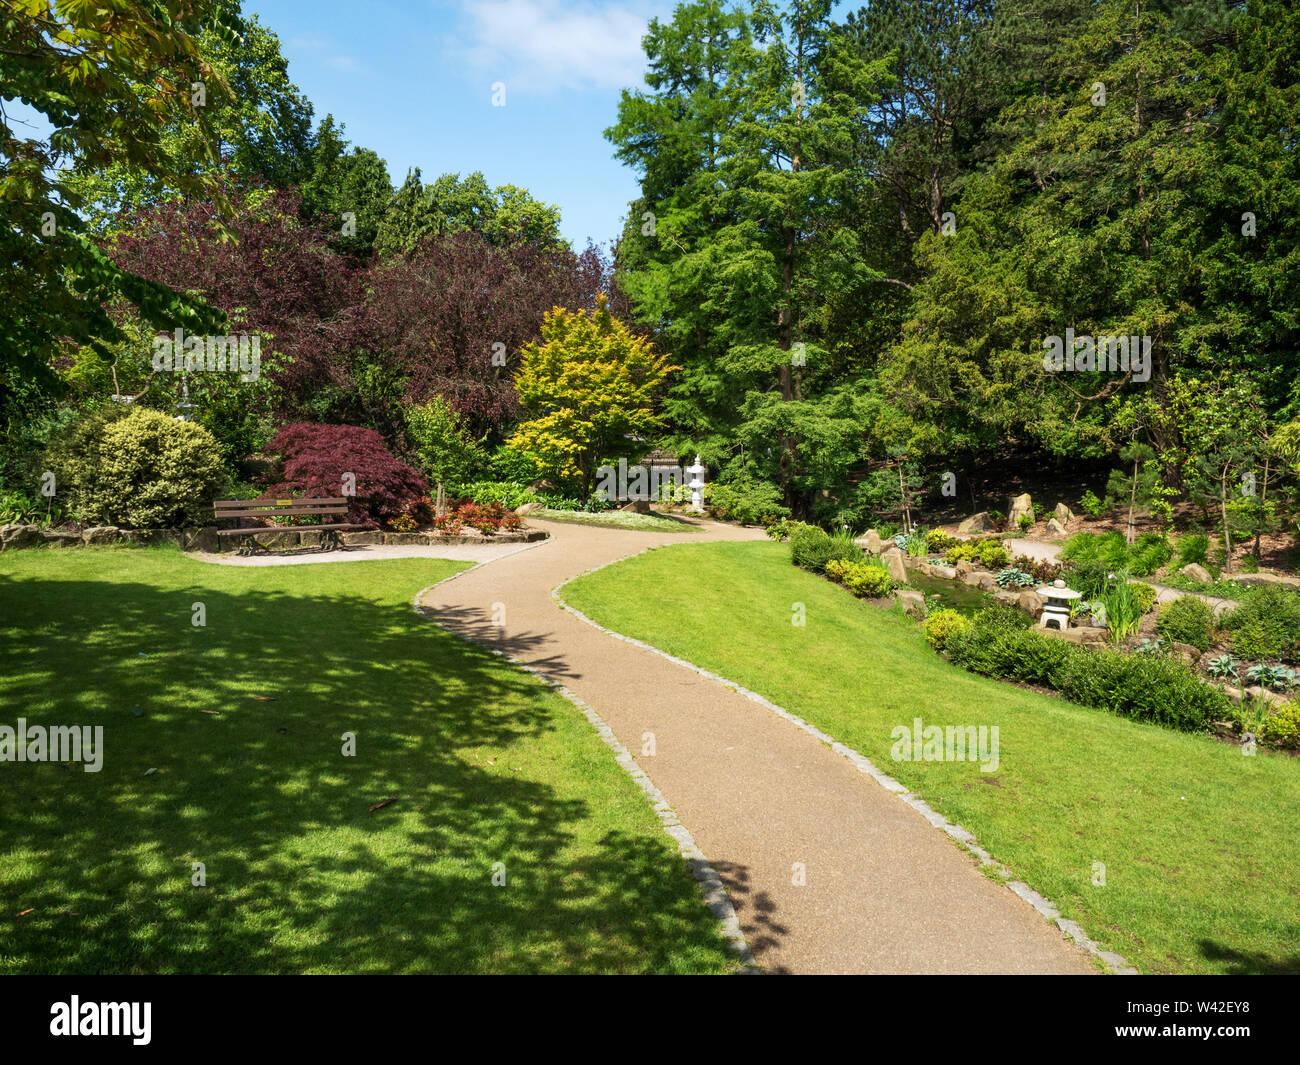 Le Jardin Japonais en été dans la région de Valley Gardens Harrogate North Yorkshire Angleterre Banque D'Images